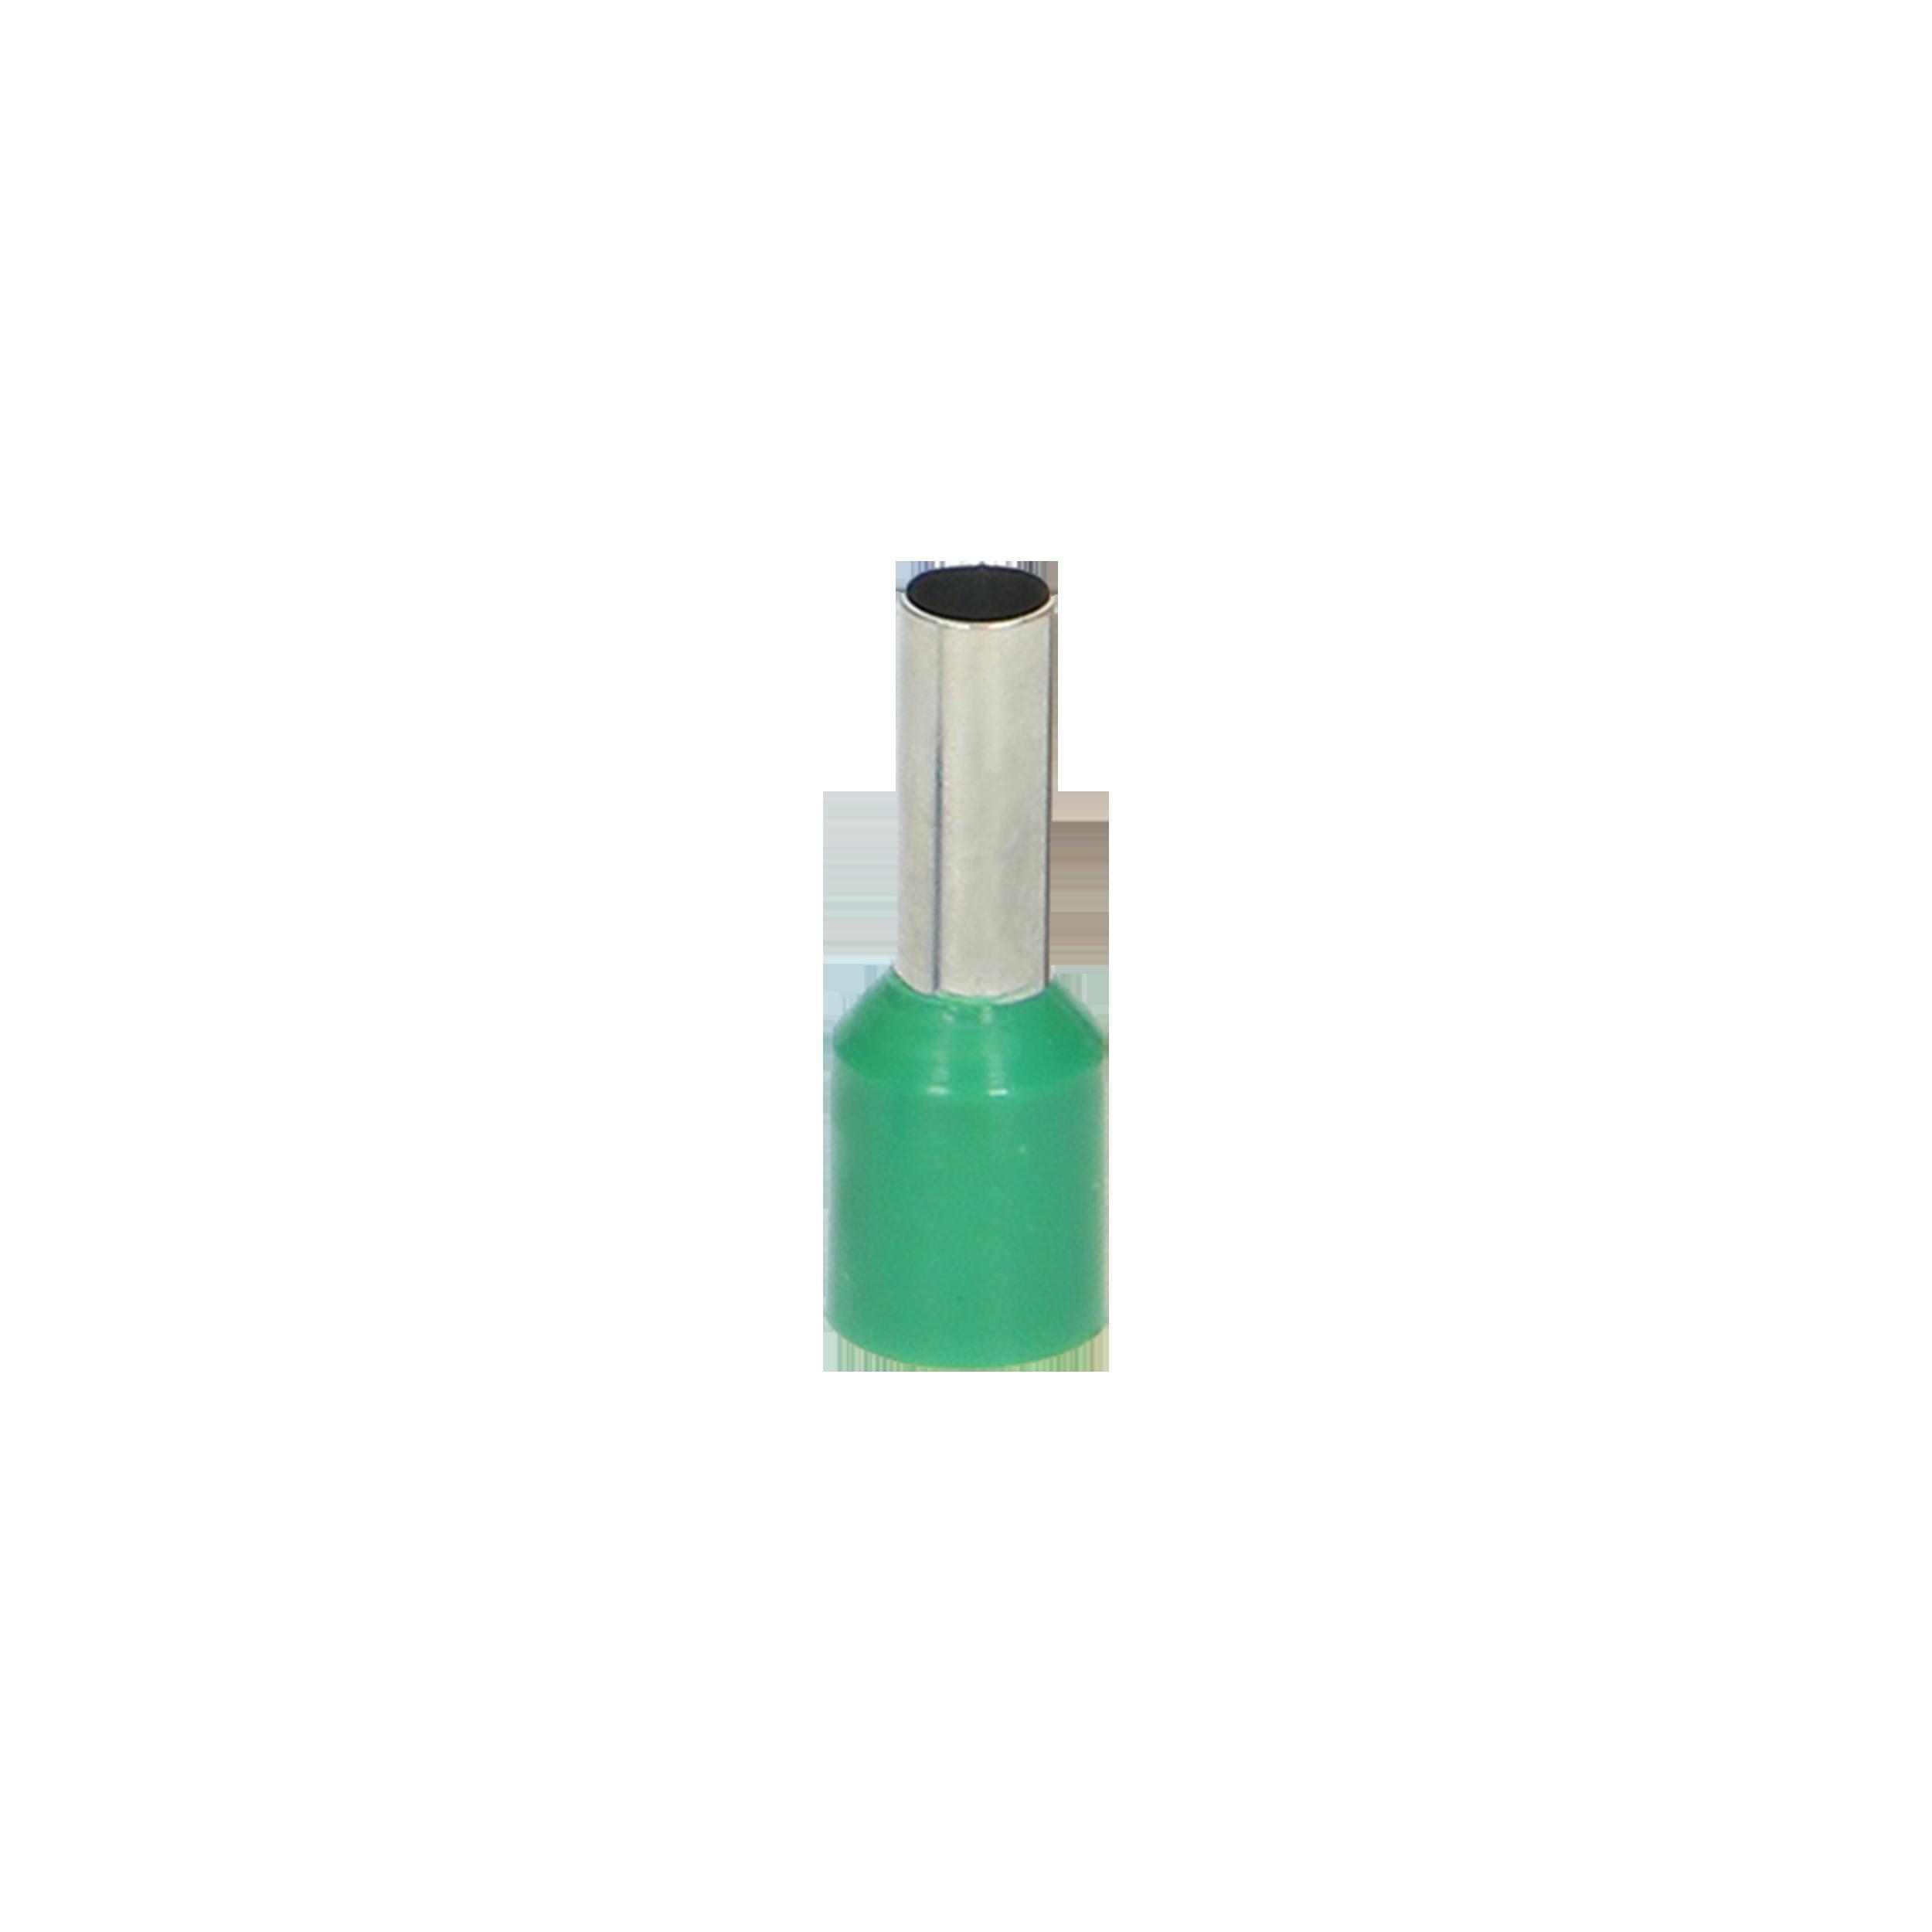 Tulejka izolowana, przekrój maksymalny 6mm², długość  miedzianej tulejki 10mm, Blister 25 szt.